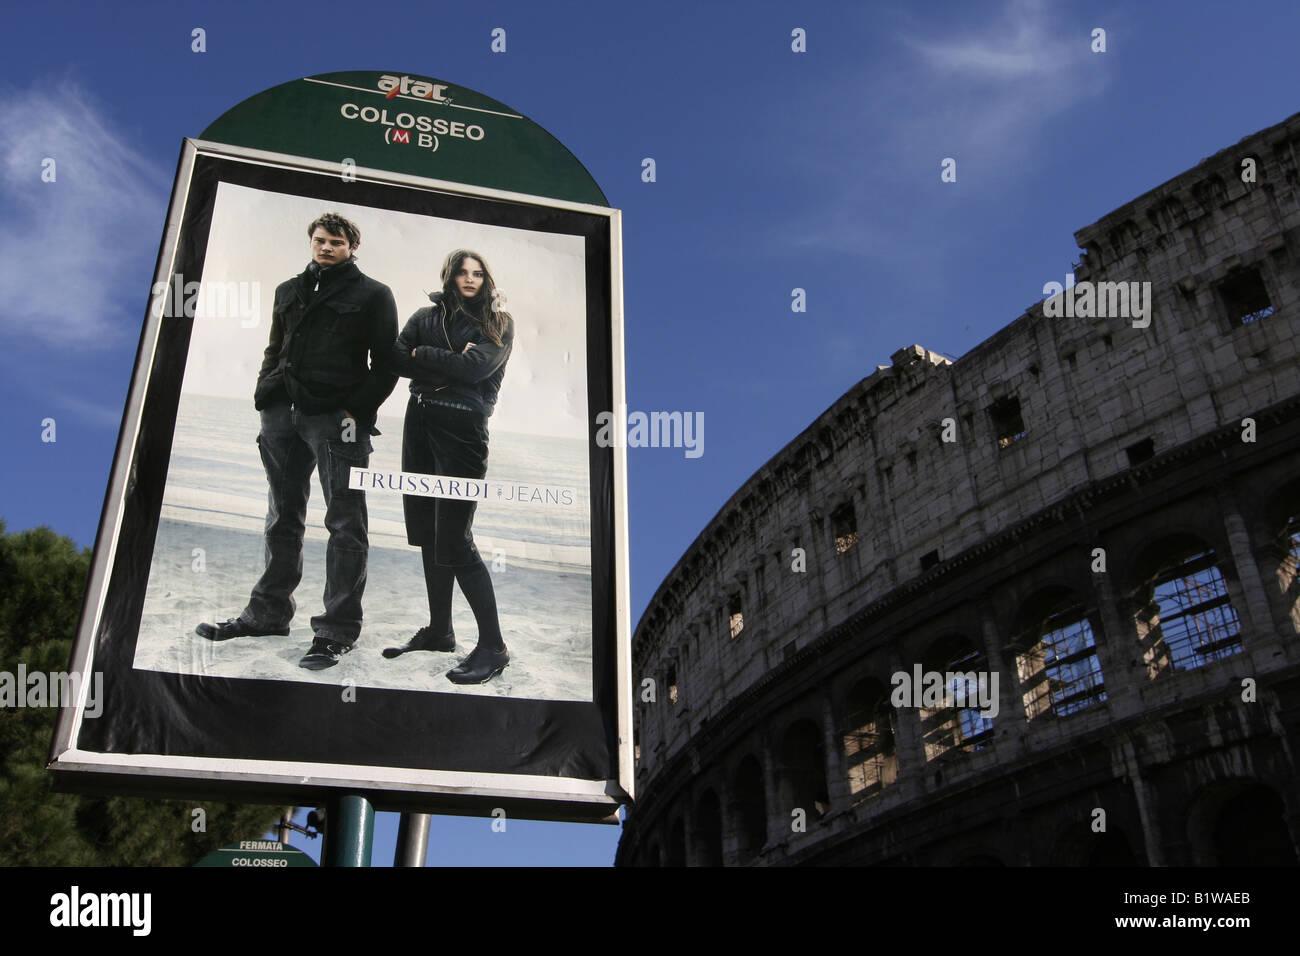 Colosseo Metro/bus stop in Roma, Italia. Con il Colosseo in background. Corse ATAC di Roma il sistema di trasporto Immagini Stock